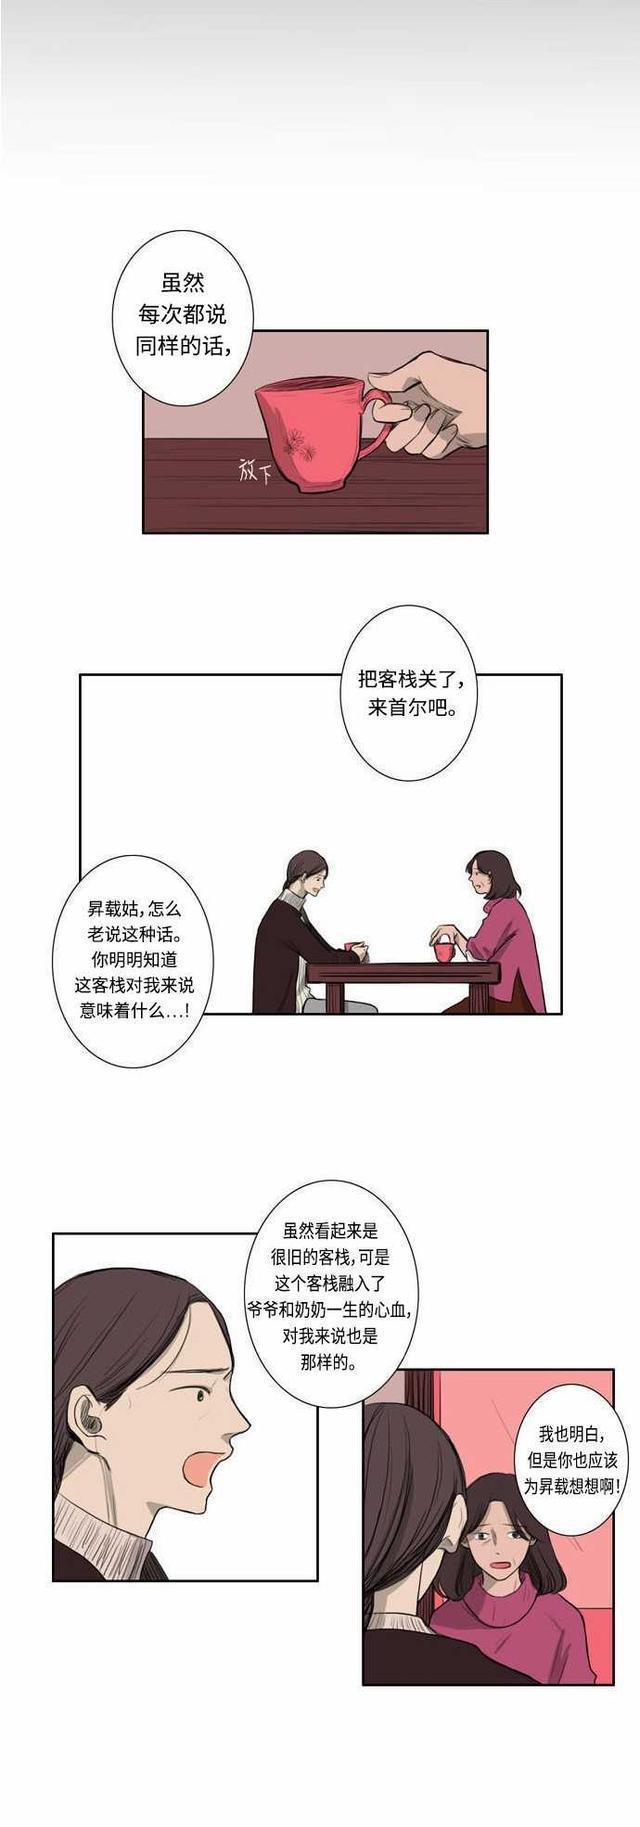 韓國暖心漫畫:客司